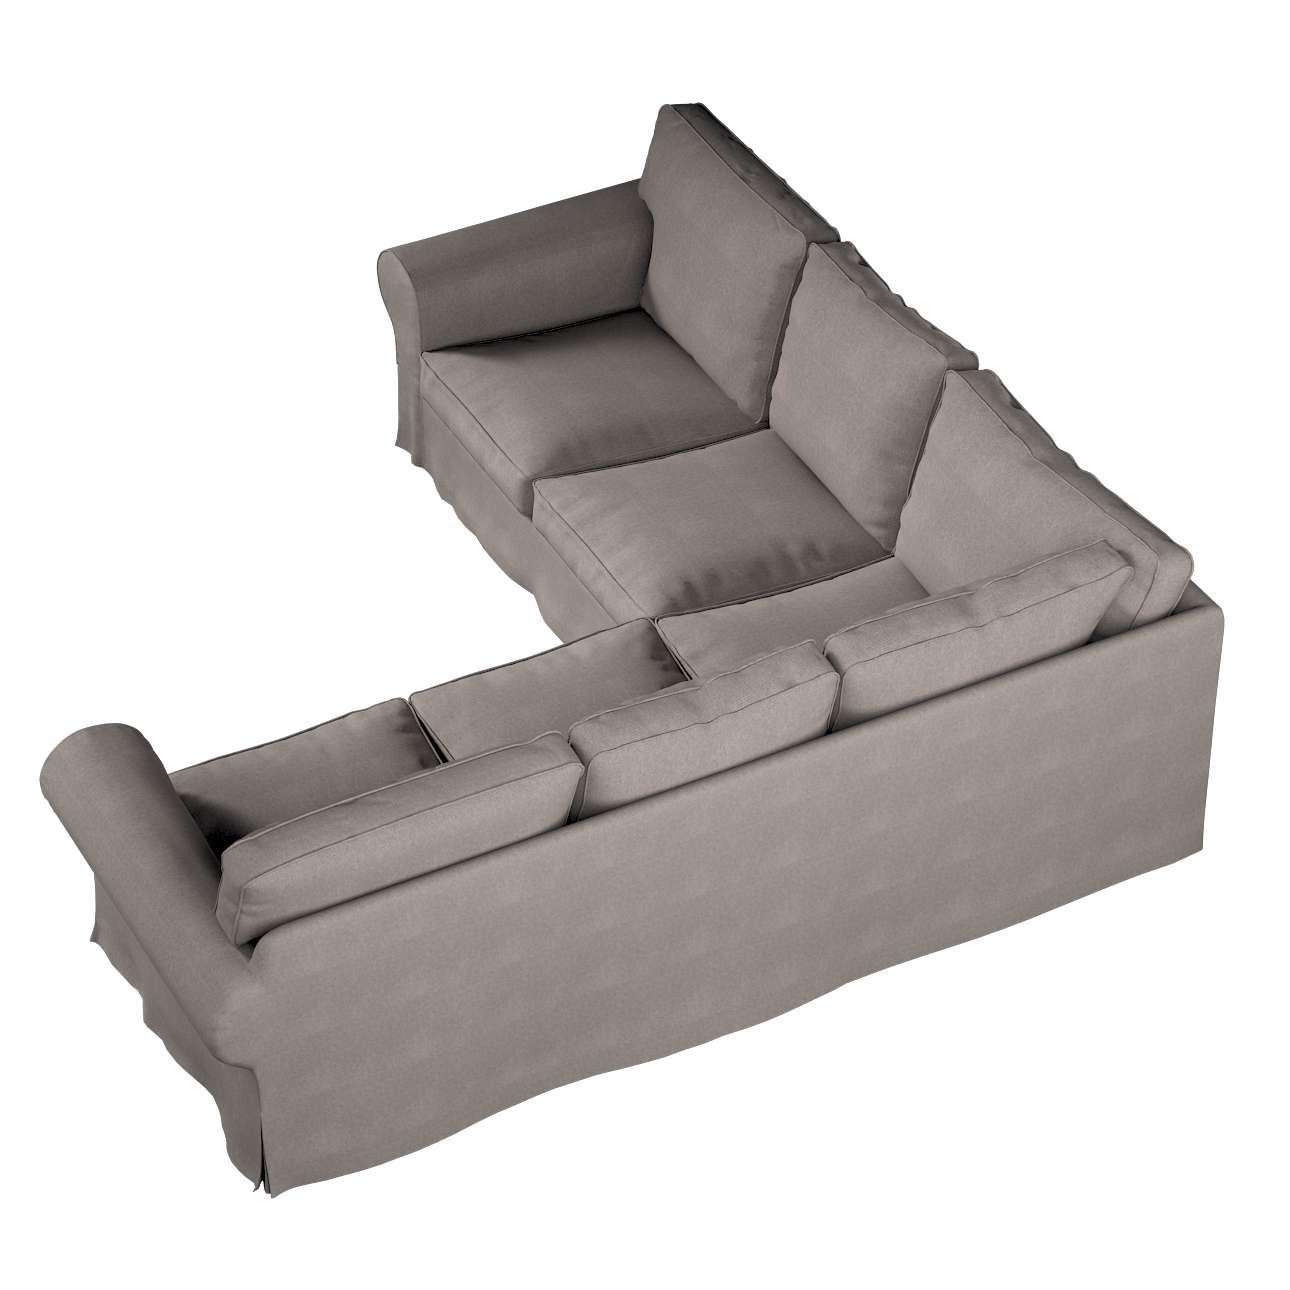 Pokrowiec Ektorp na sofę narożną w kolekcji Etna, tkanina: 705-09